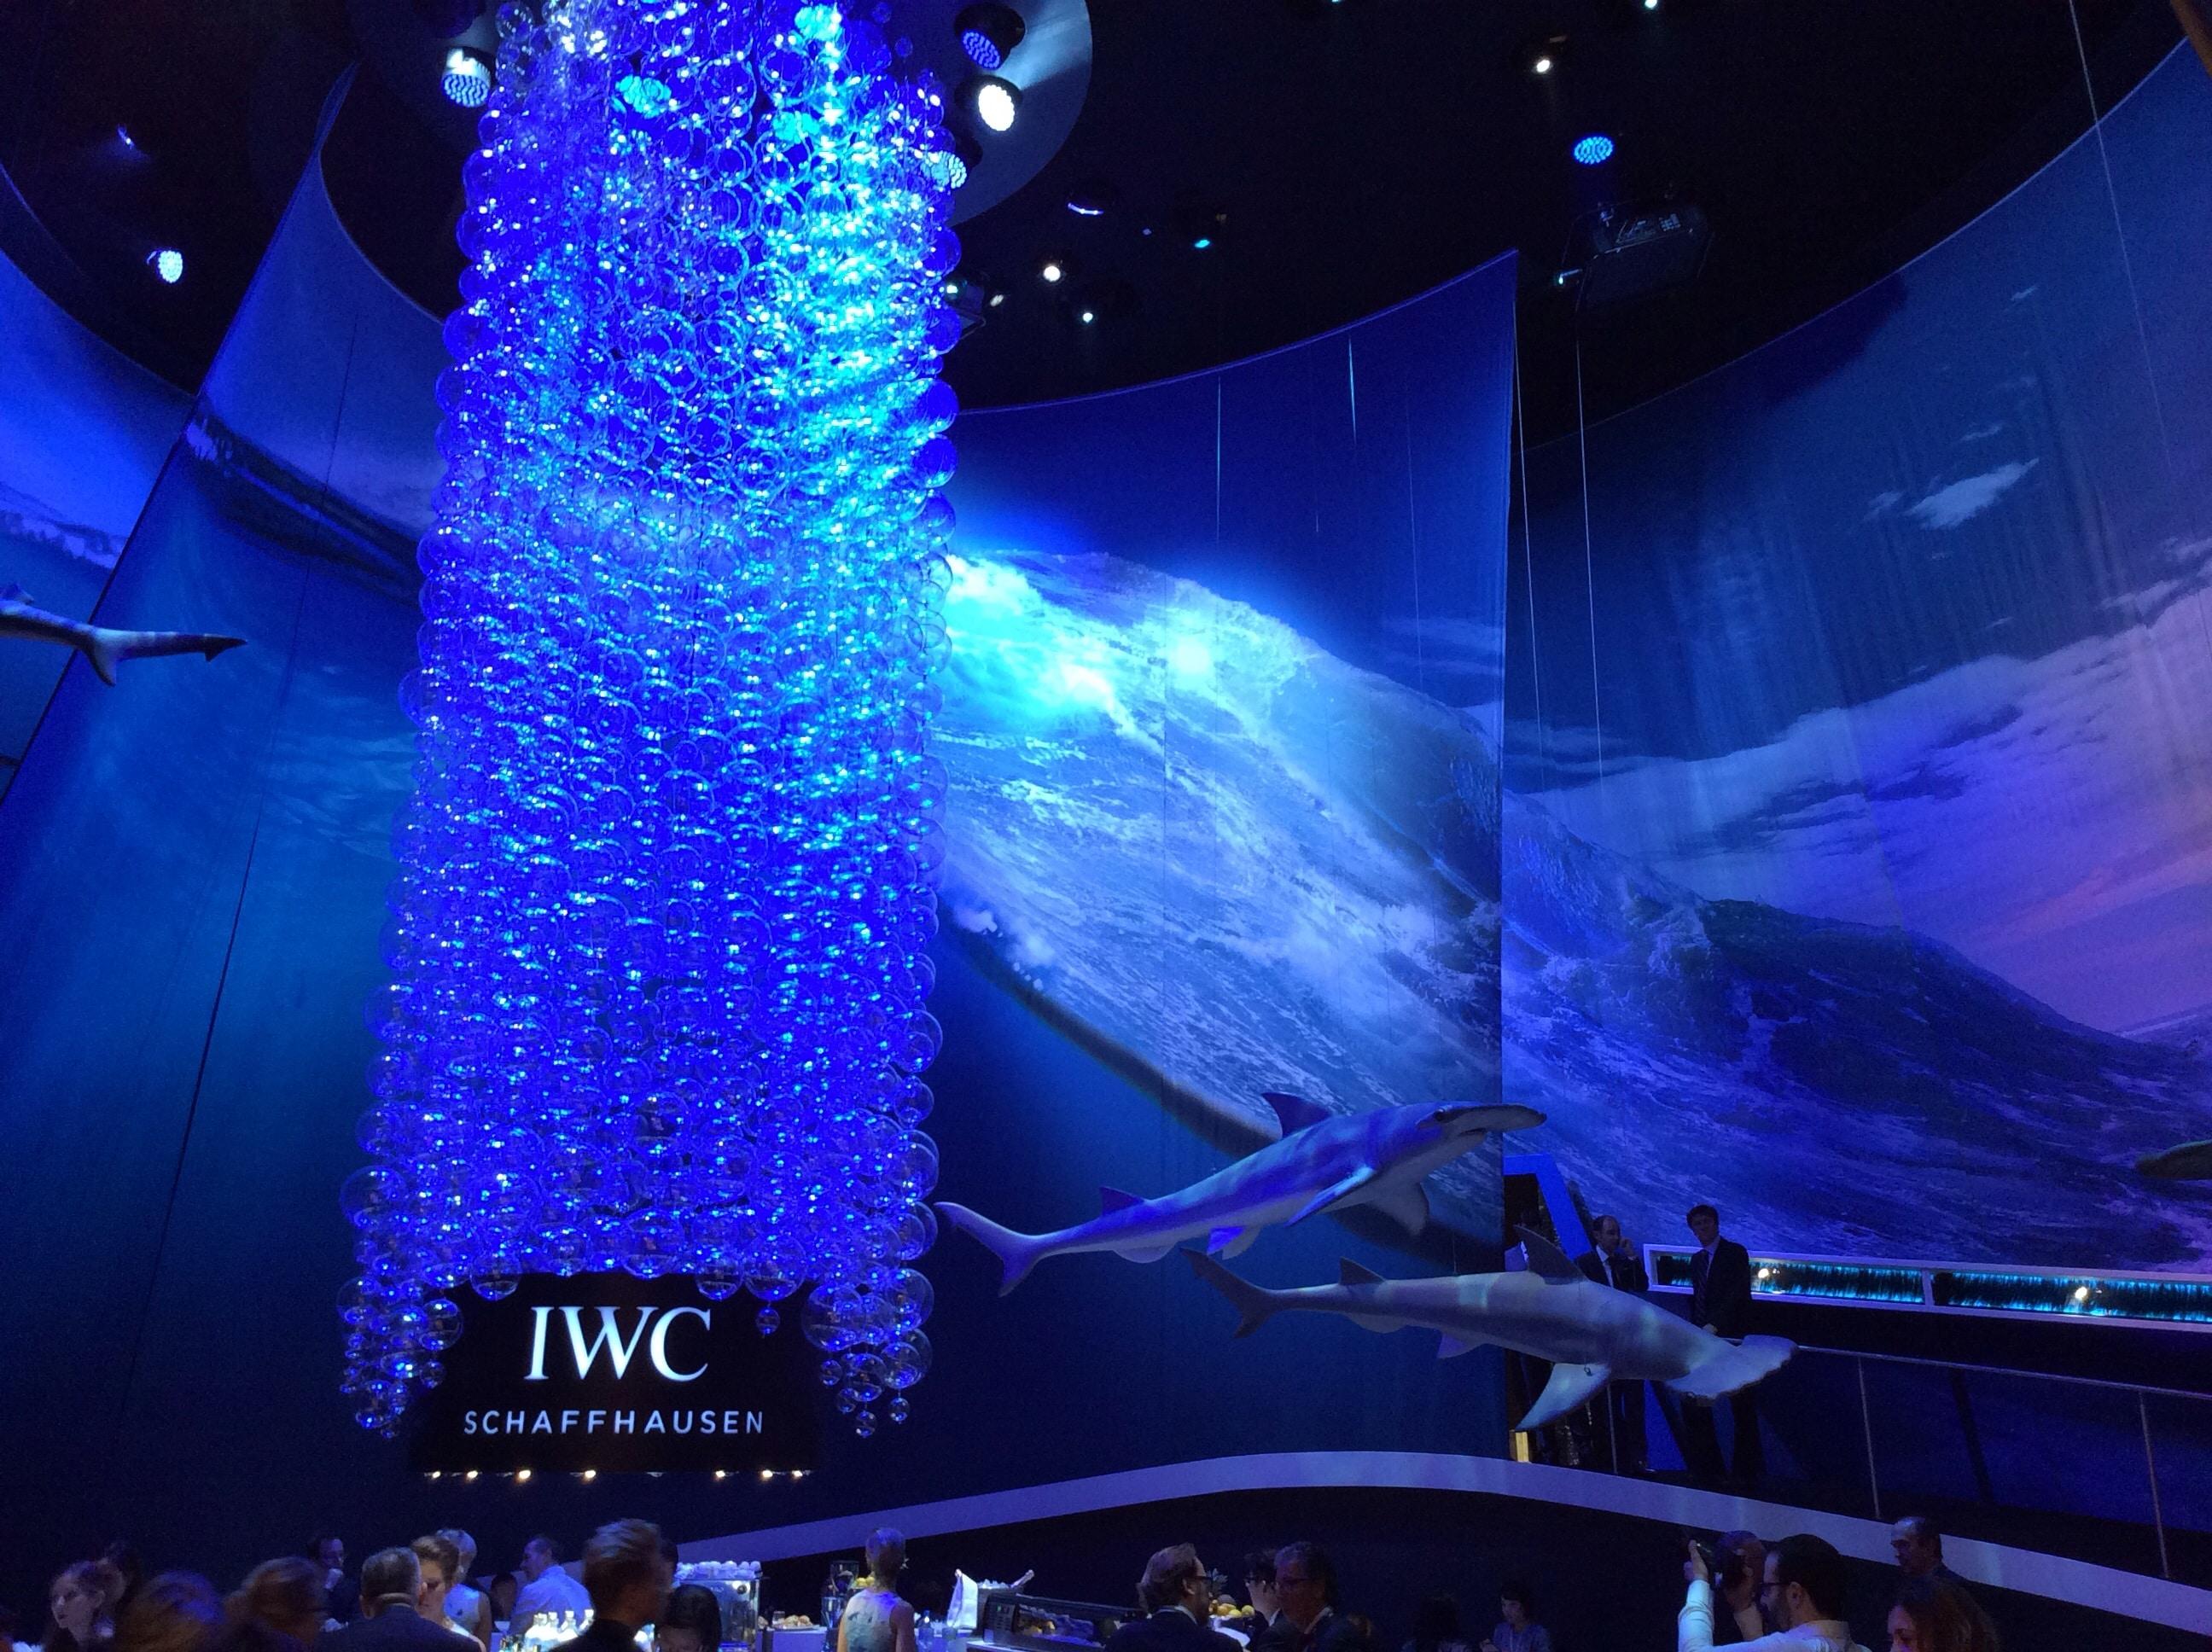 Der IWC-Stand im Zeichen der neuen Aquatimer